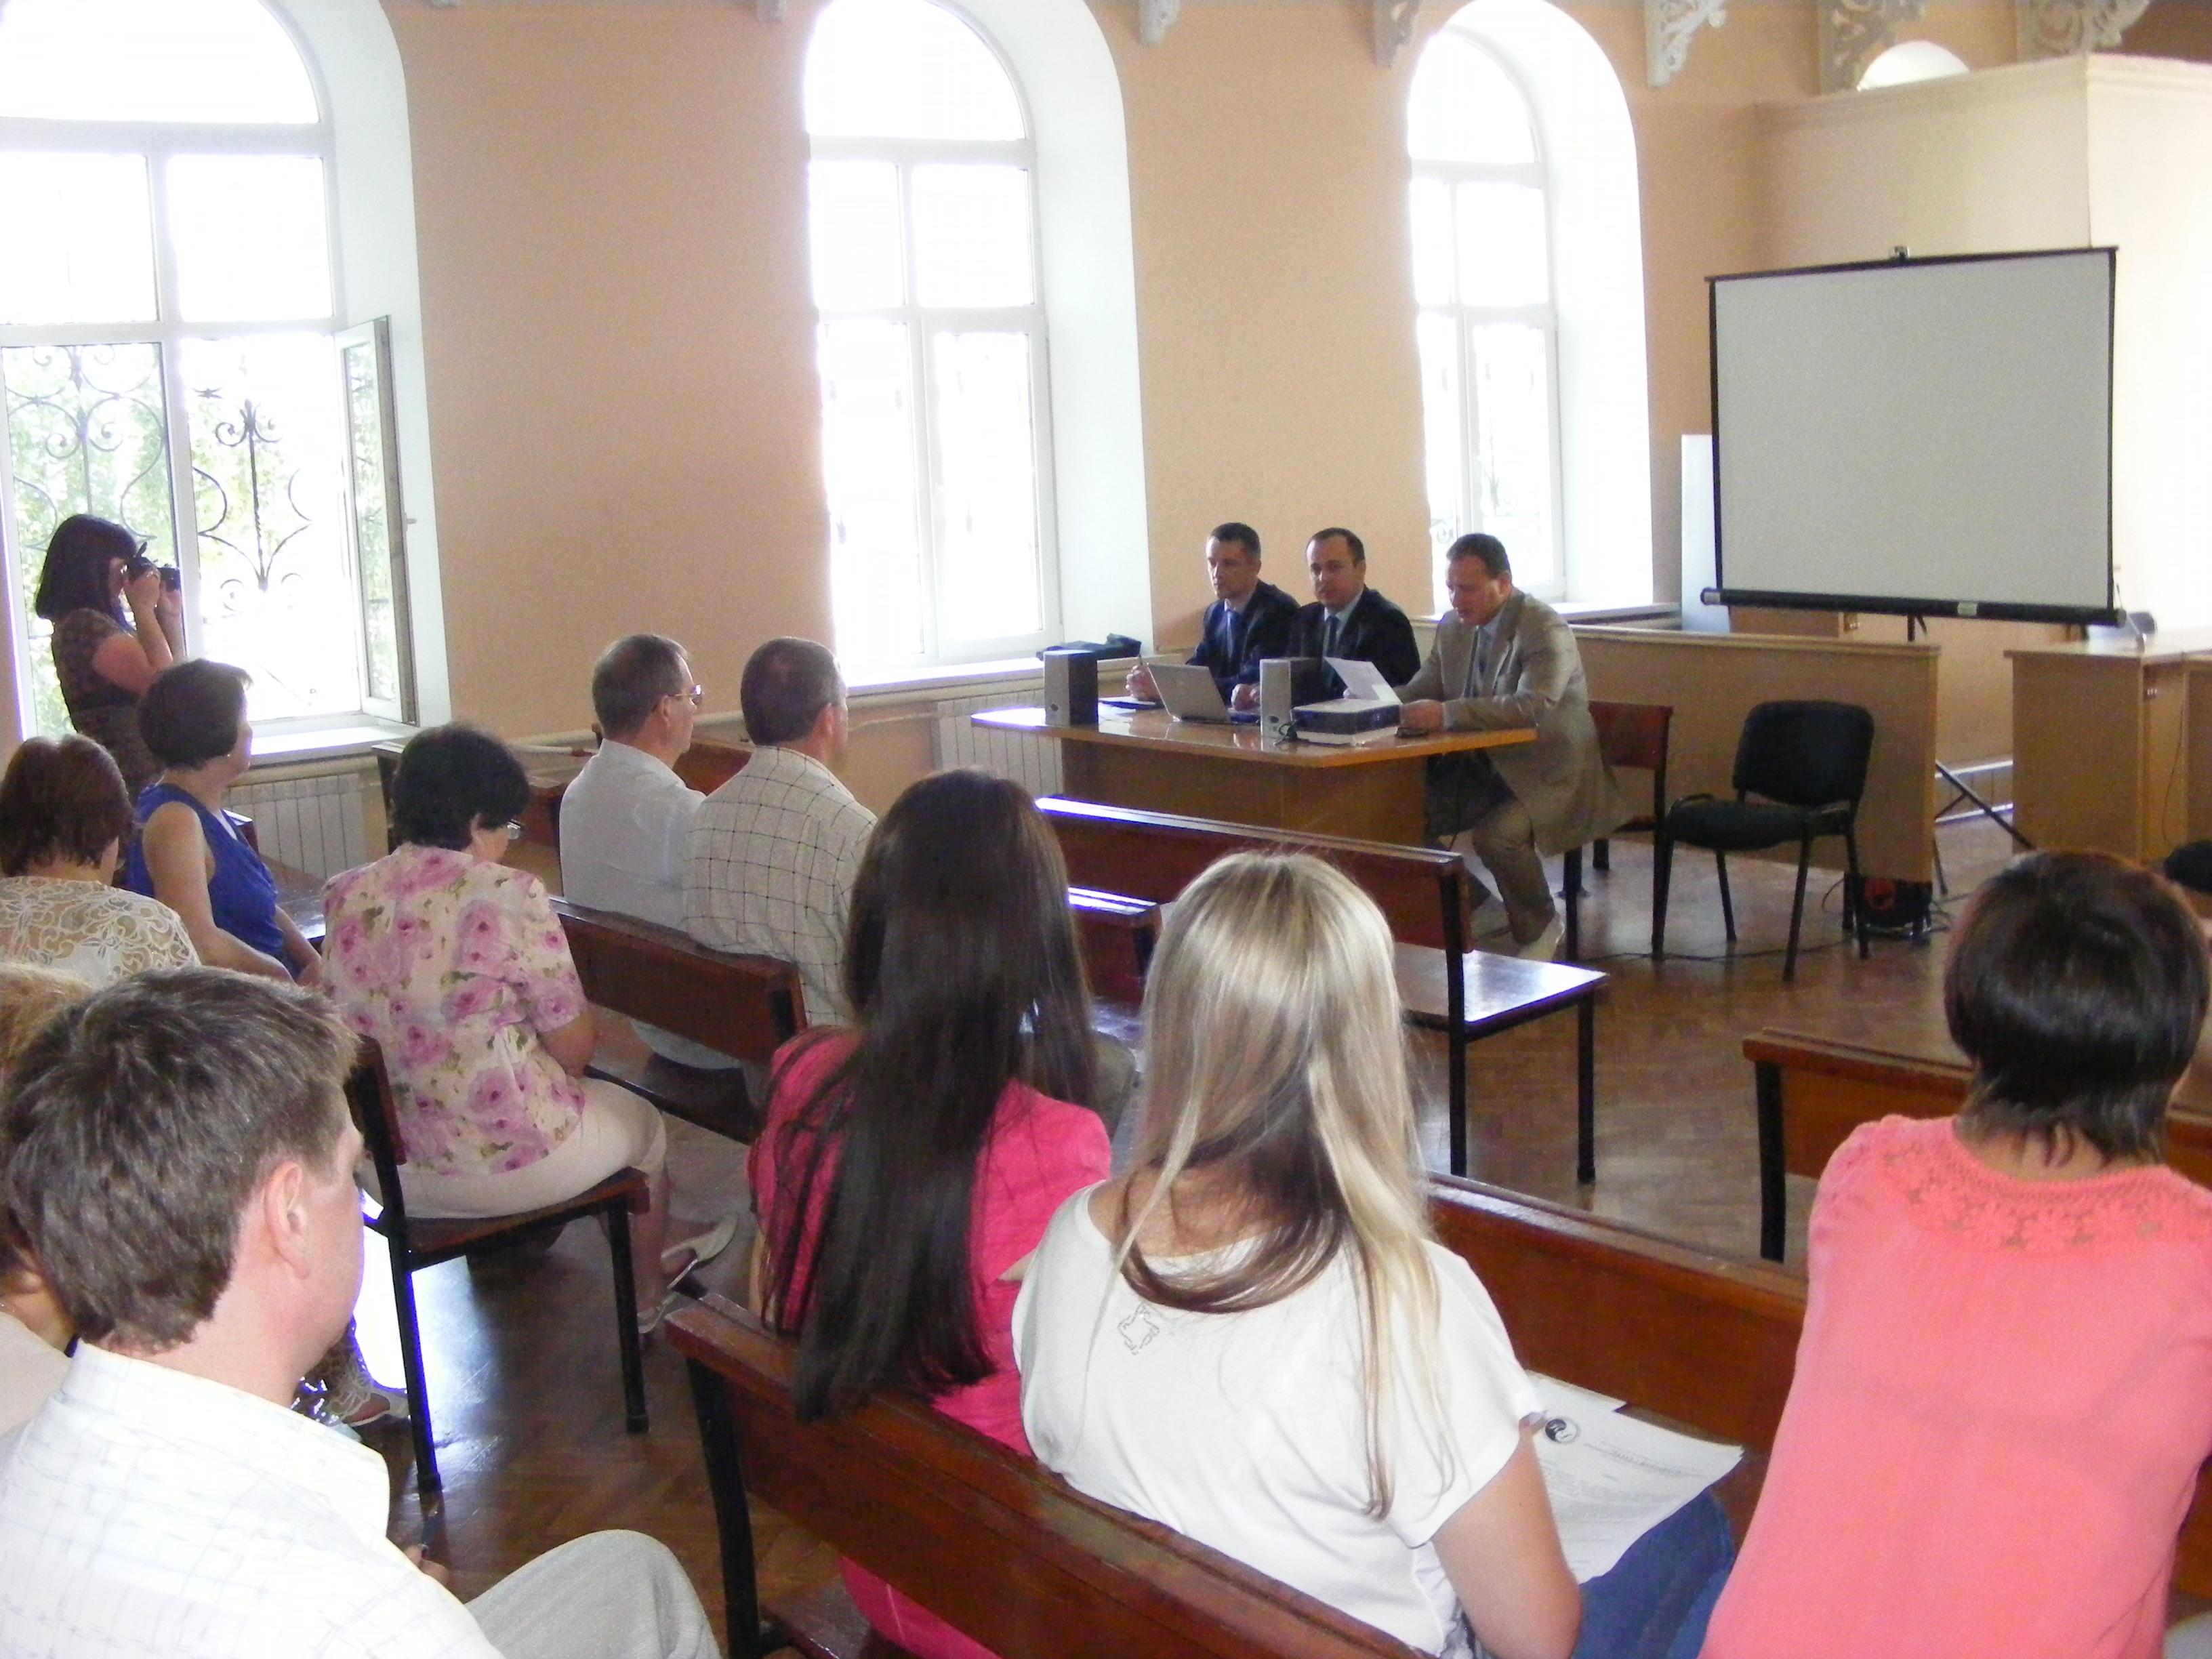 <!--:UK-->У  Апеляційному суді Кіровоградської області суду відбувся тренінг для суддів, працівників апарату щодо покращення рівня навиків спілкування та роботи з особами з інвалідністю<!--:-->